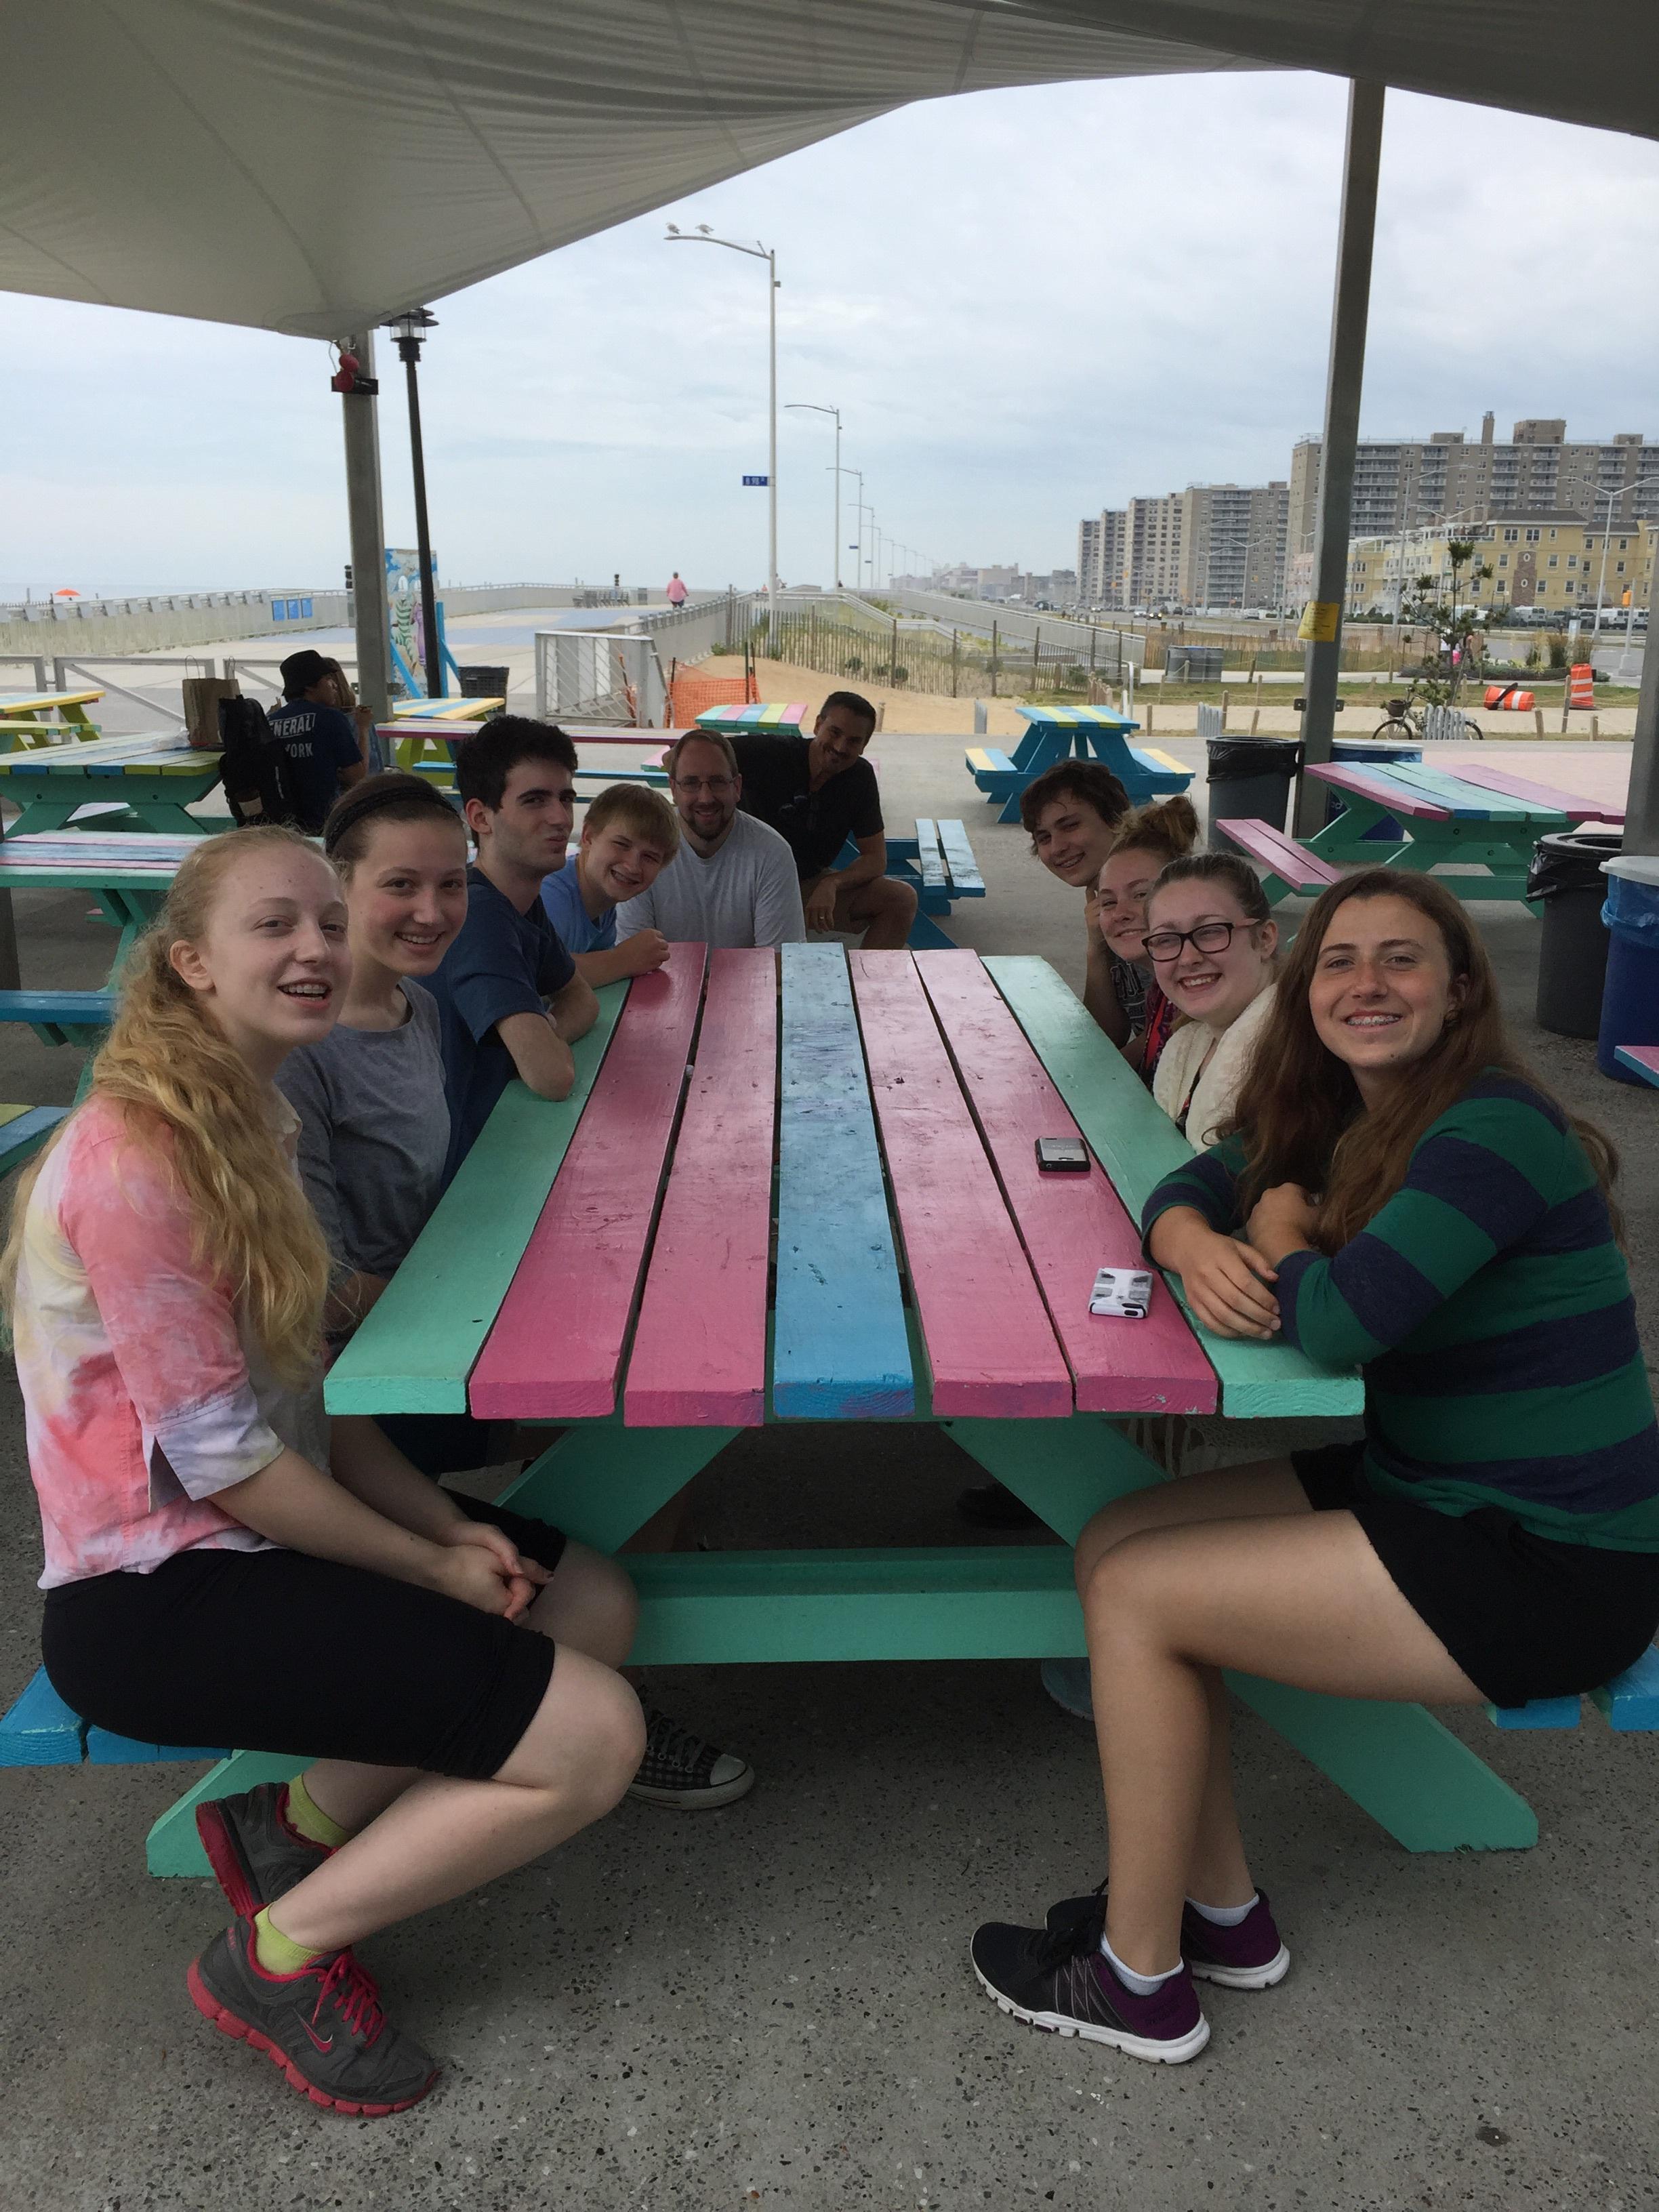 Lunch on the boardwalk